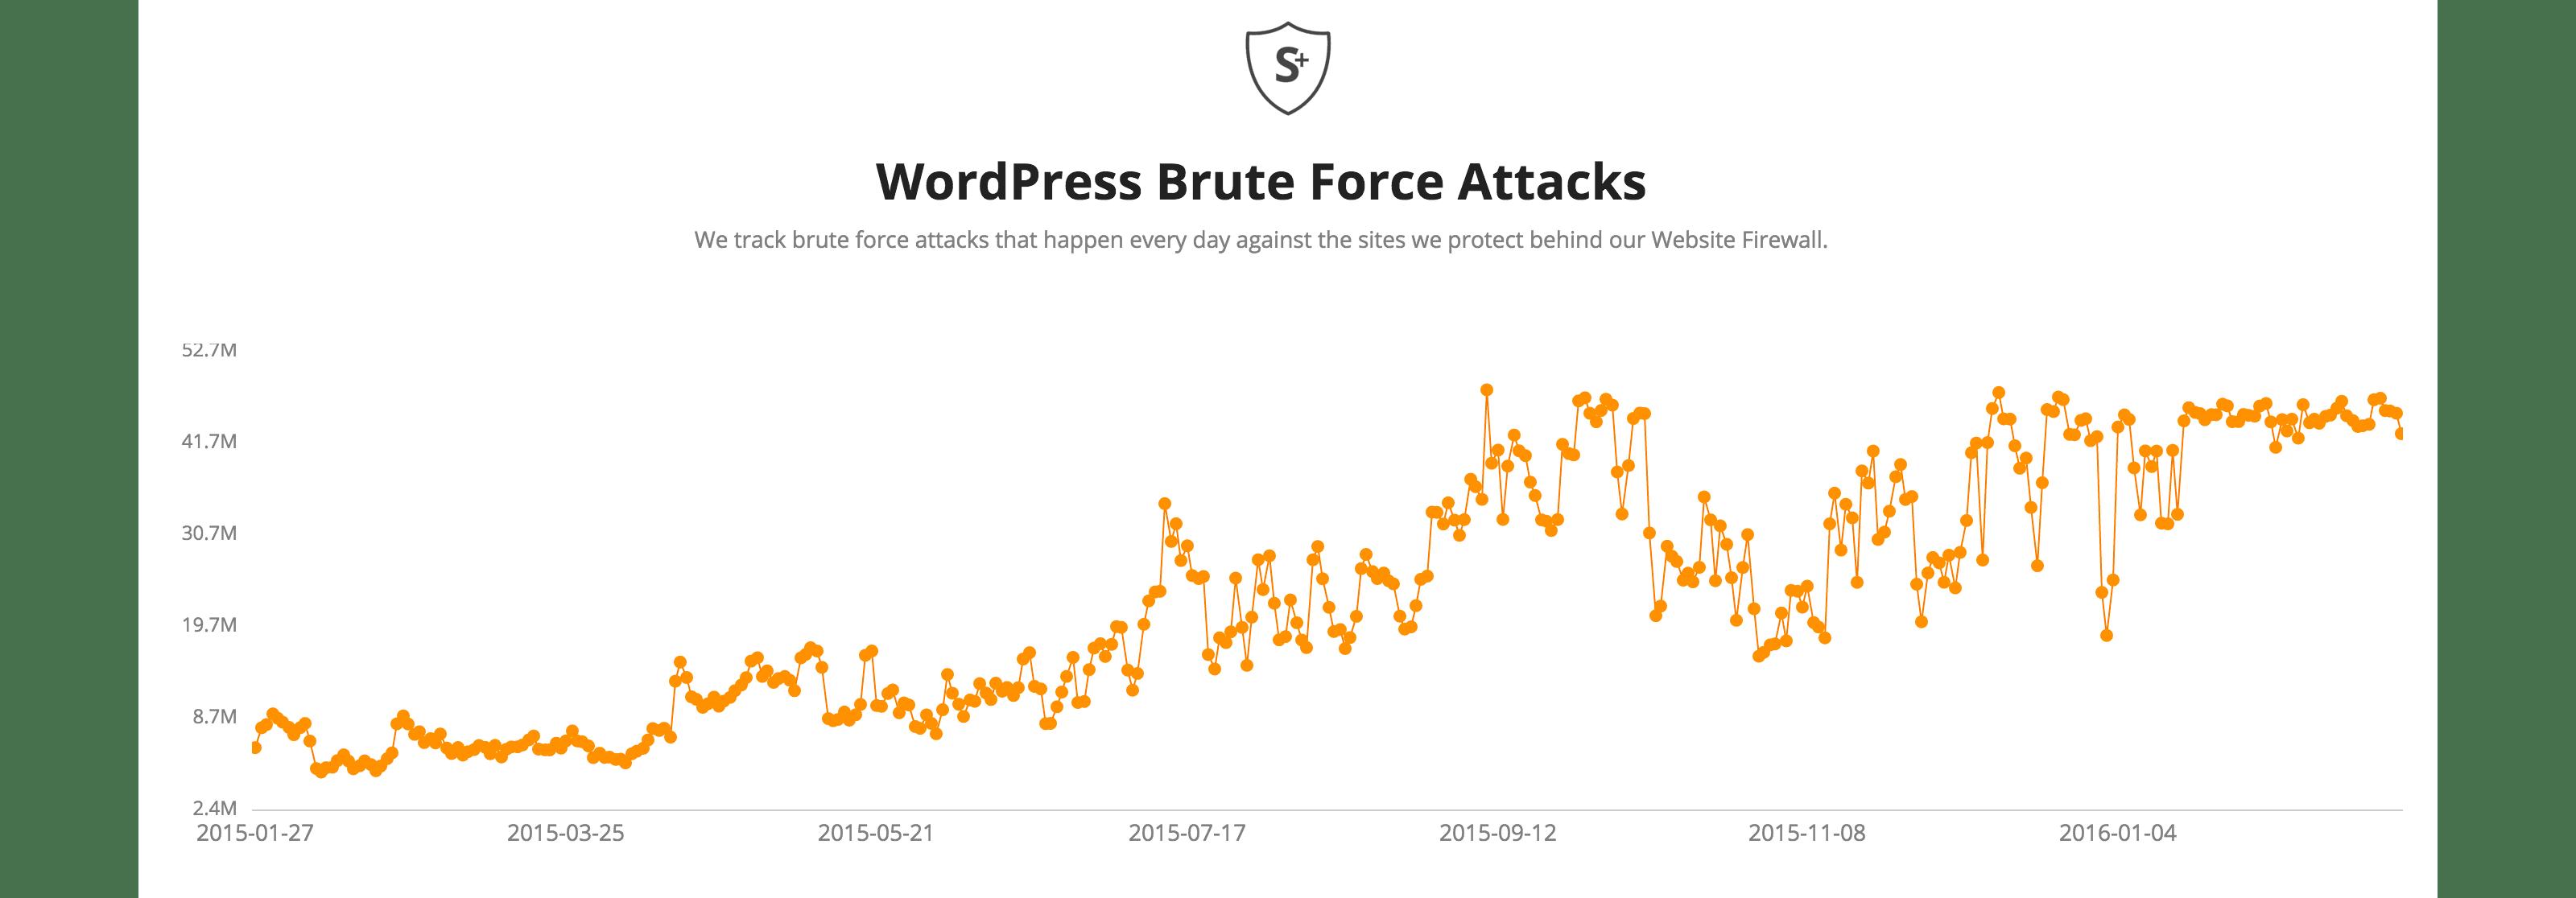 El gráfico que muestra el aumento de los ataques de fuerza bruta de WordPress ilustra la necesidad de una autenticación de dos factores.